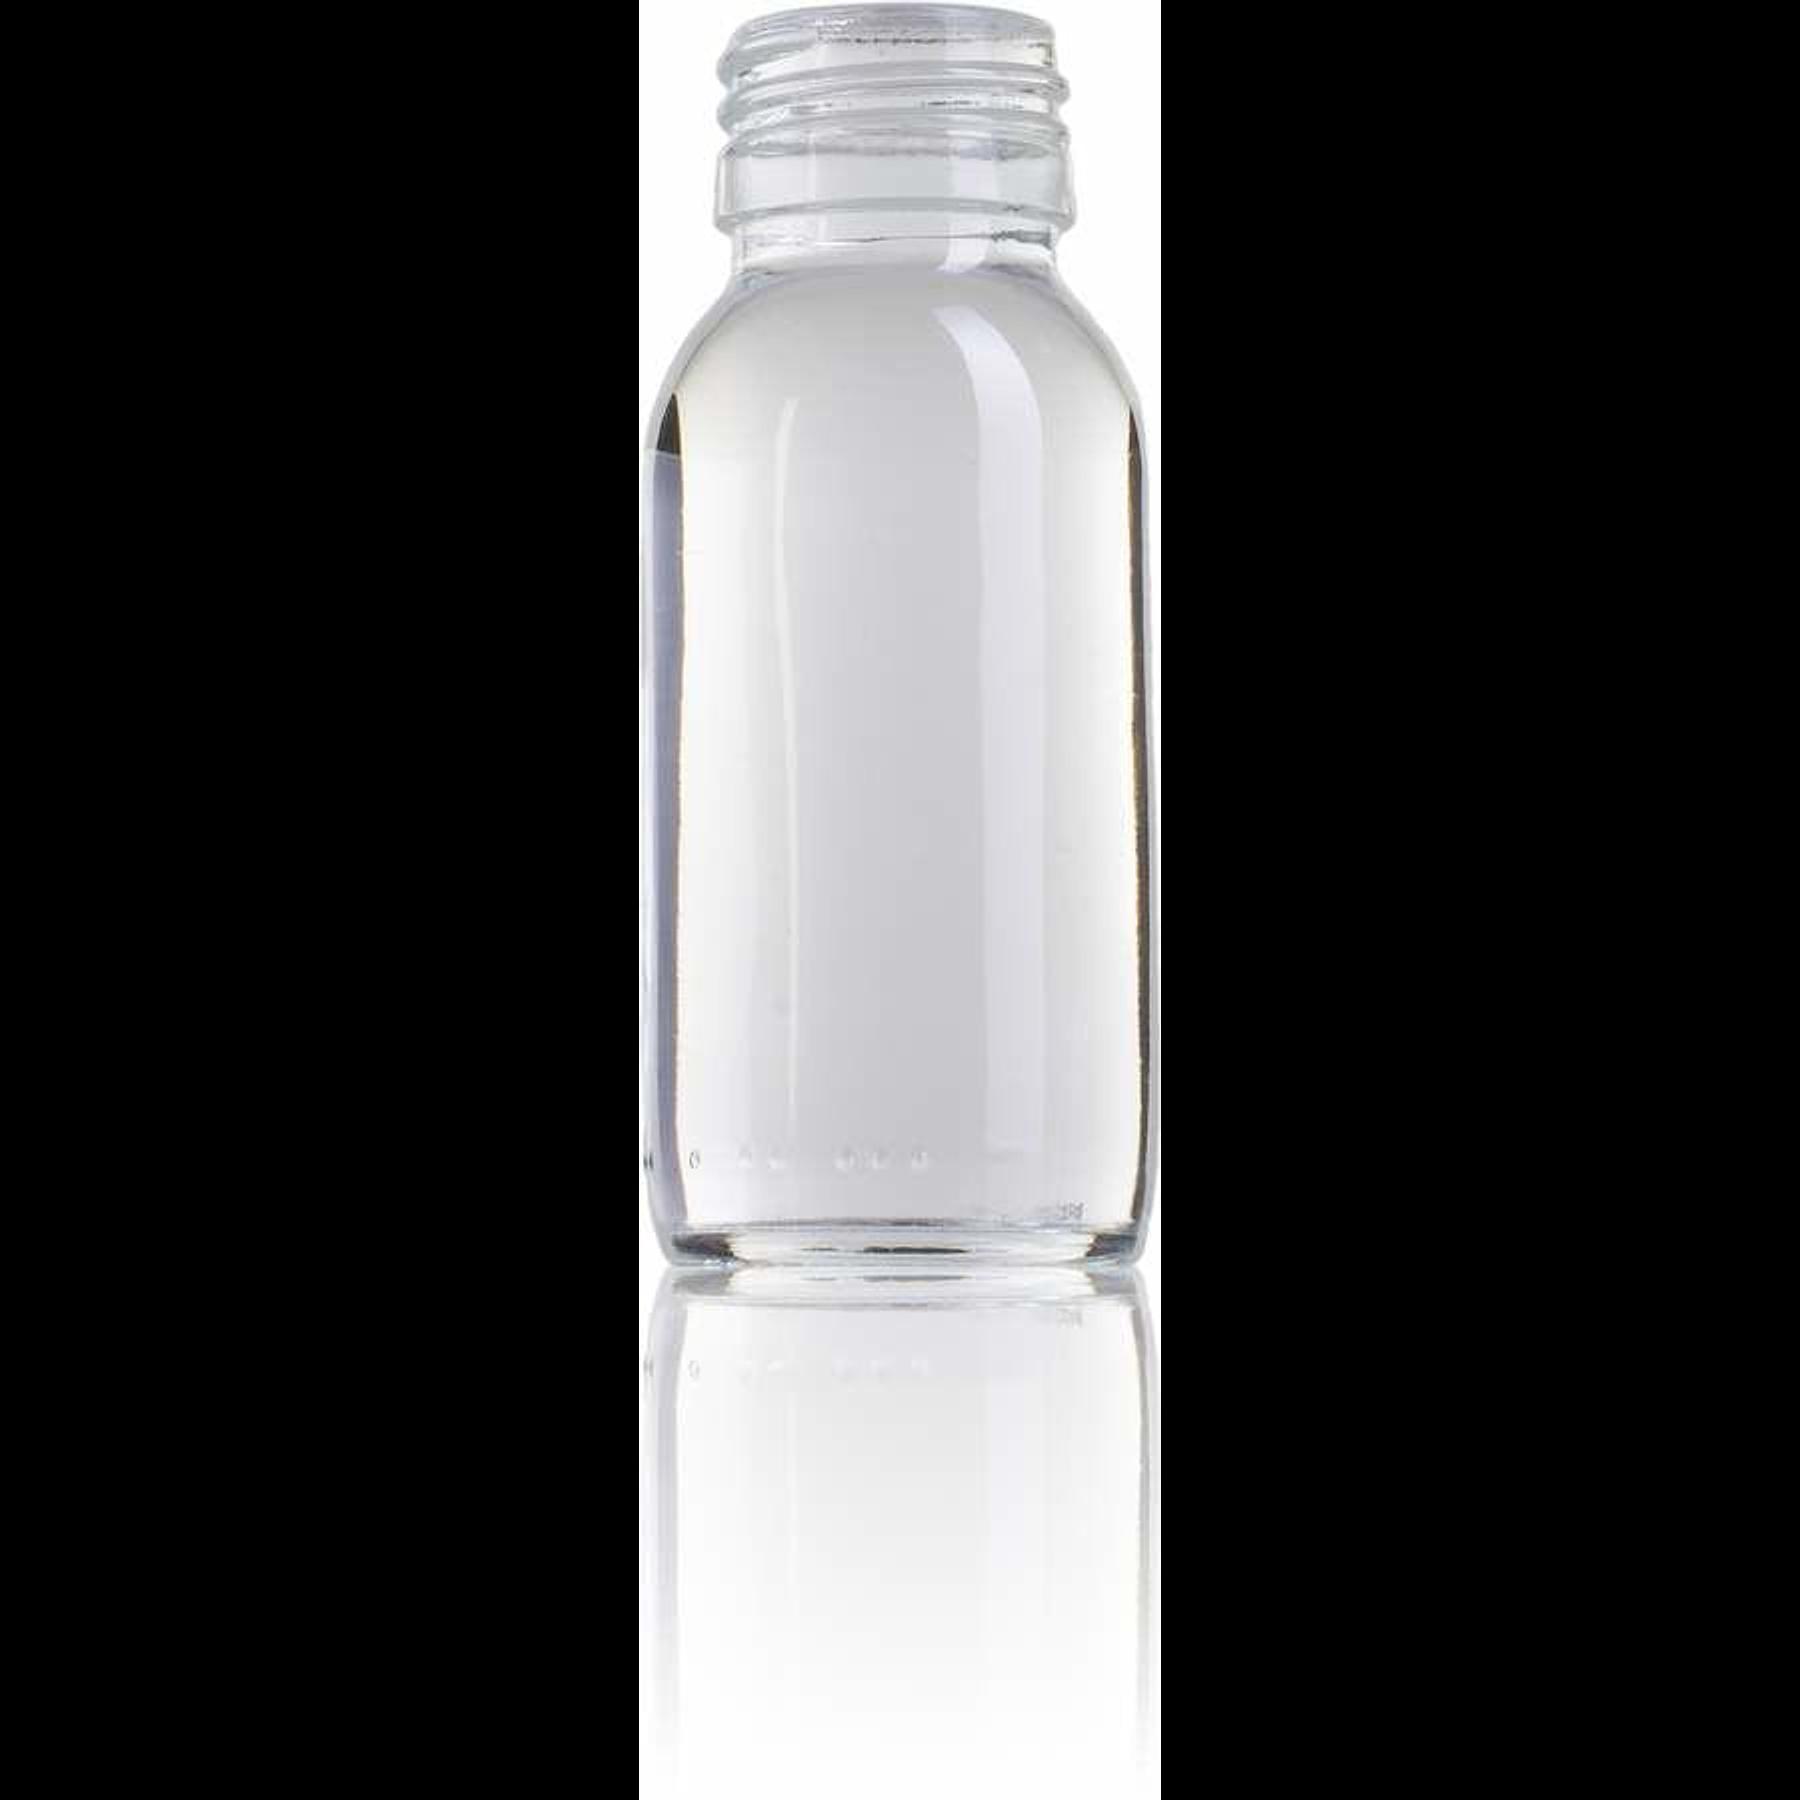 Bouteille en verre de 60 ml